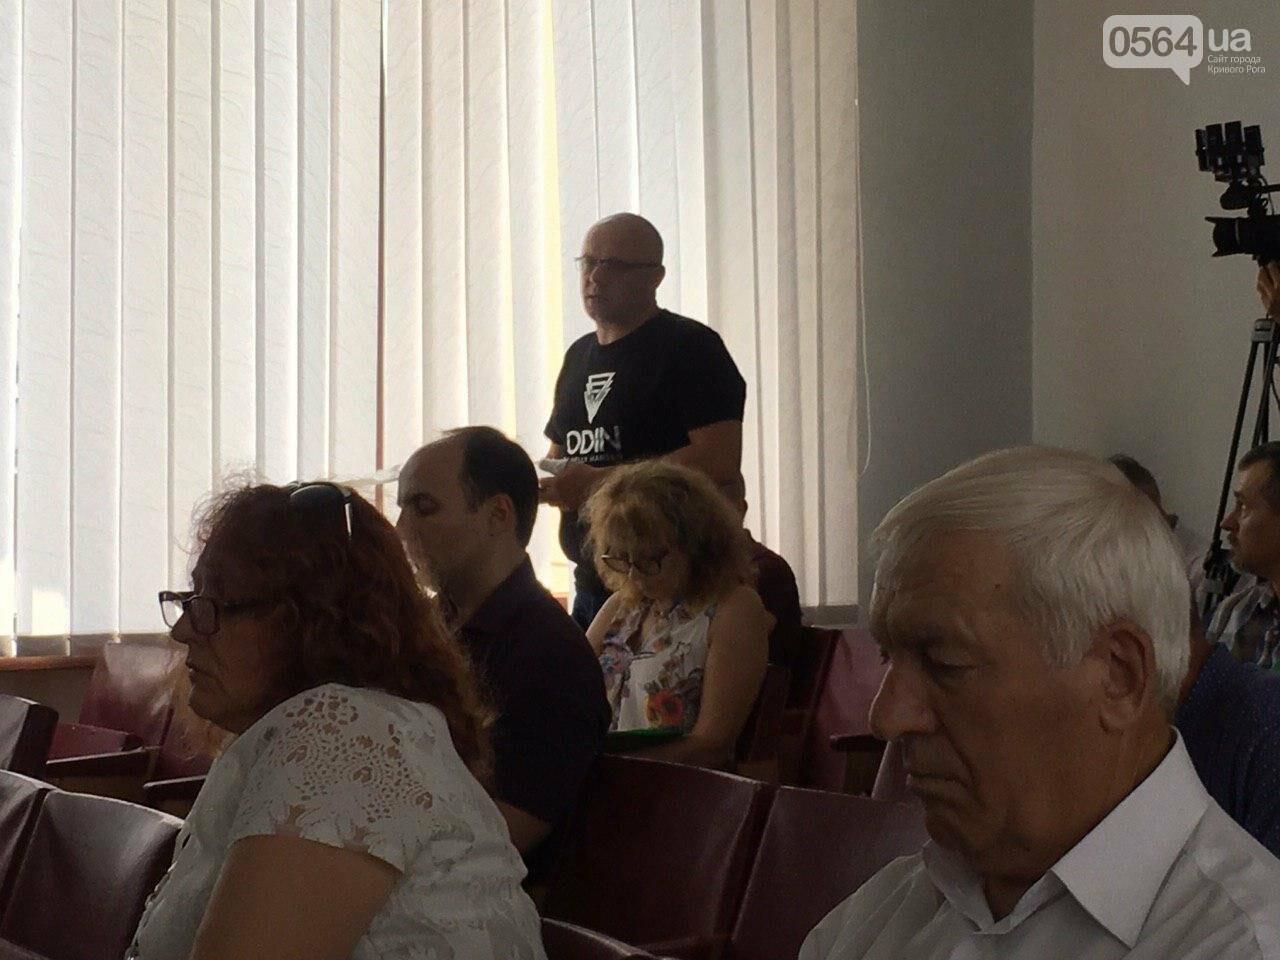 Криворожское КП пытается подготовится к отопительному сезону, несмотря на долг в полмиллиарда, - ФОТО , фото-19